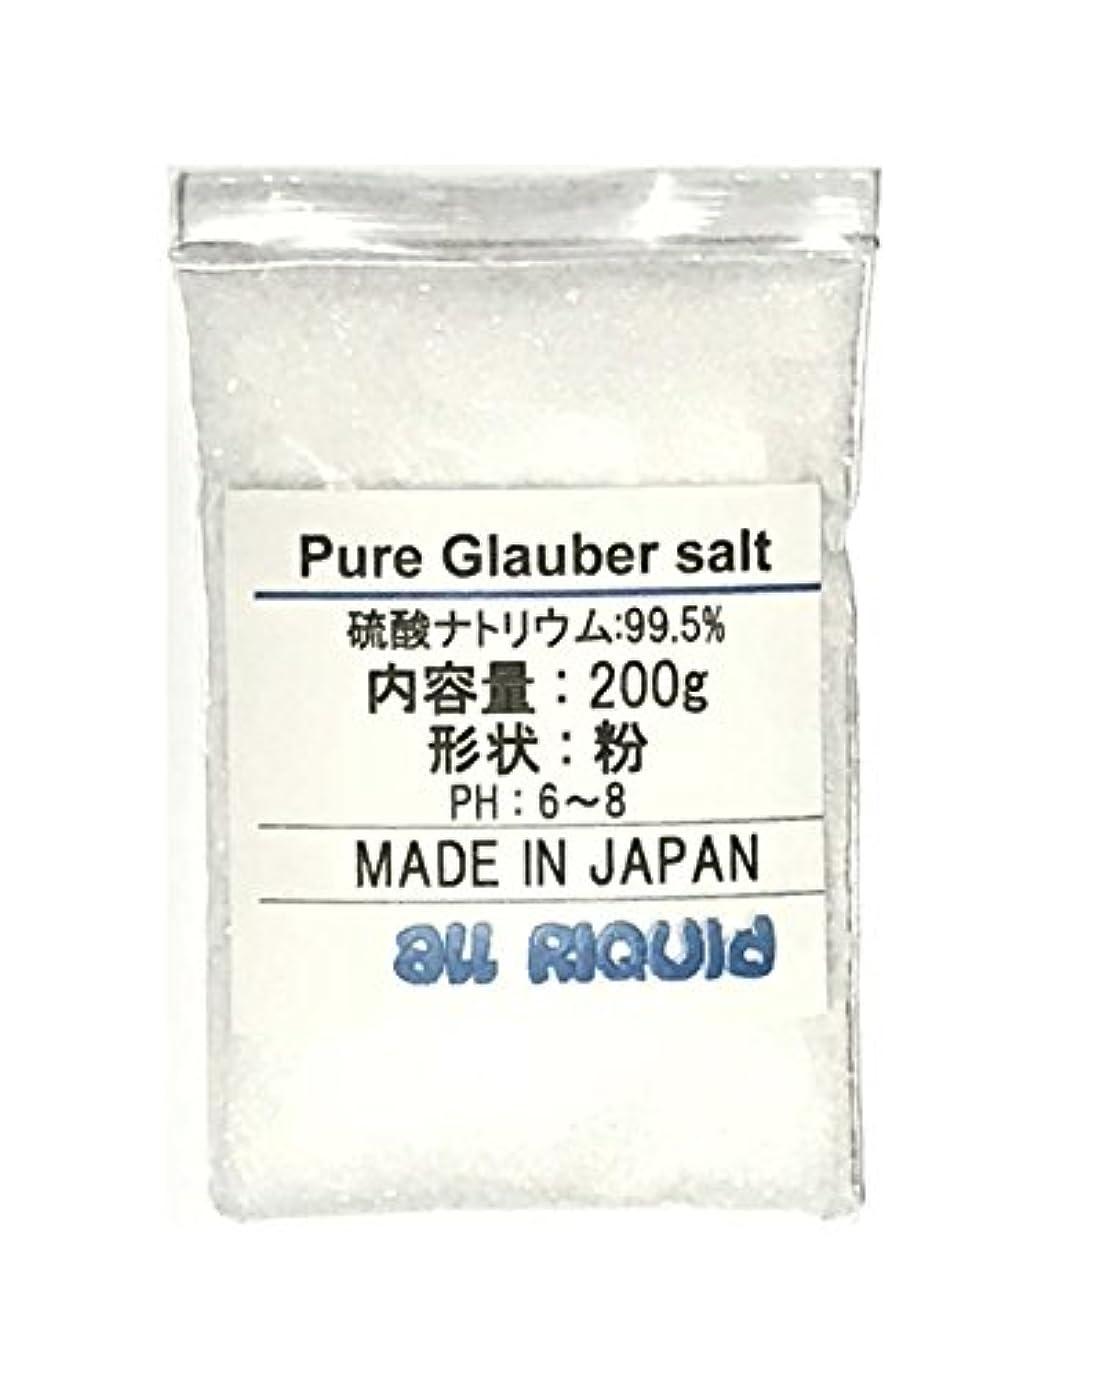 実業家一般的に厚い純 グラウバー 無香料 200g (硫酸ナトリウム) 10回分 99.5% 国産品 オールリキッド 芒硝